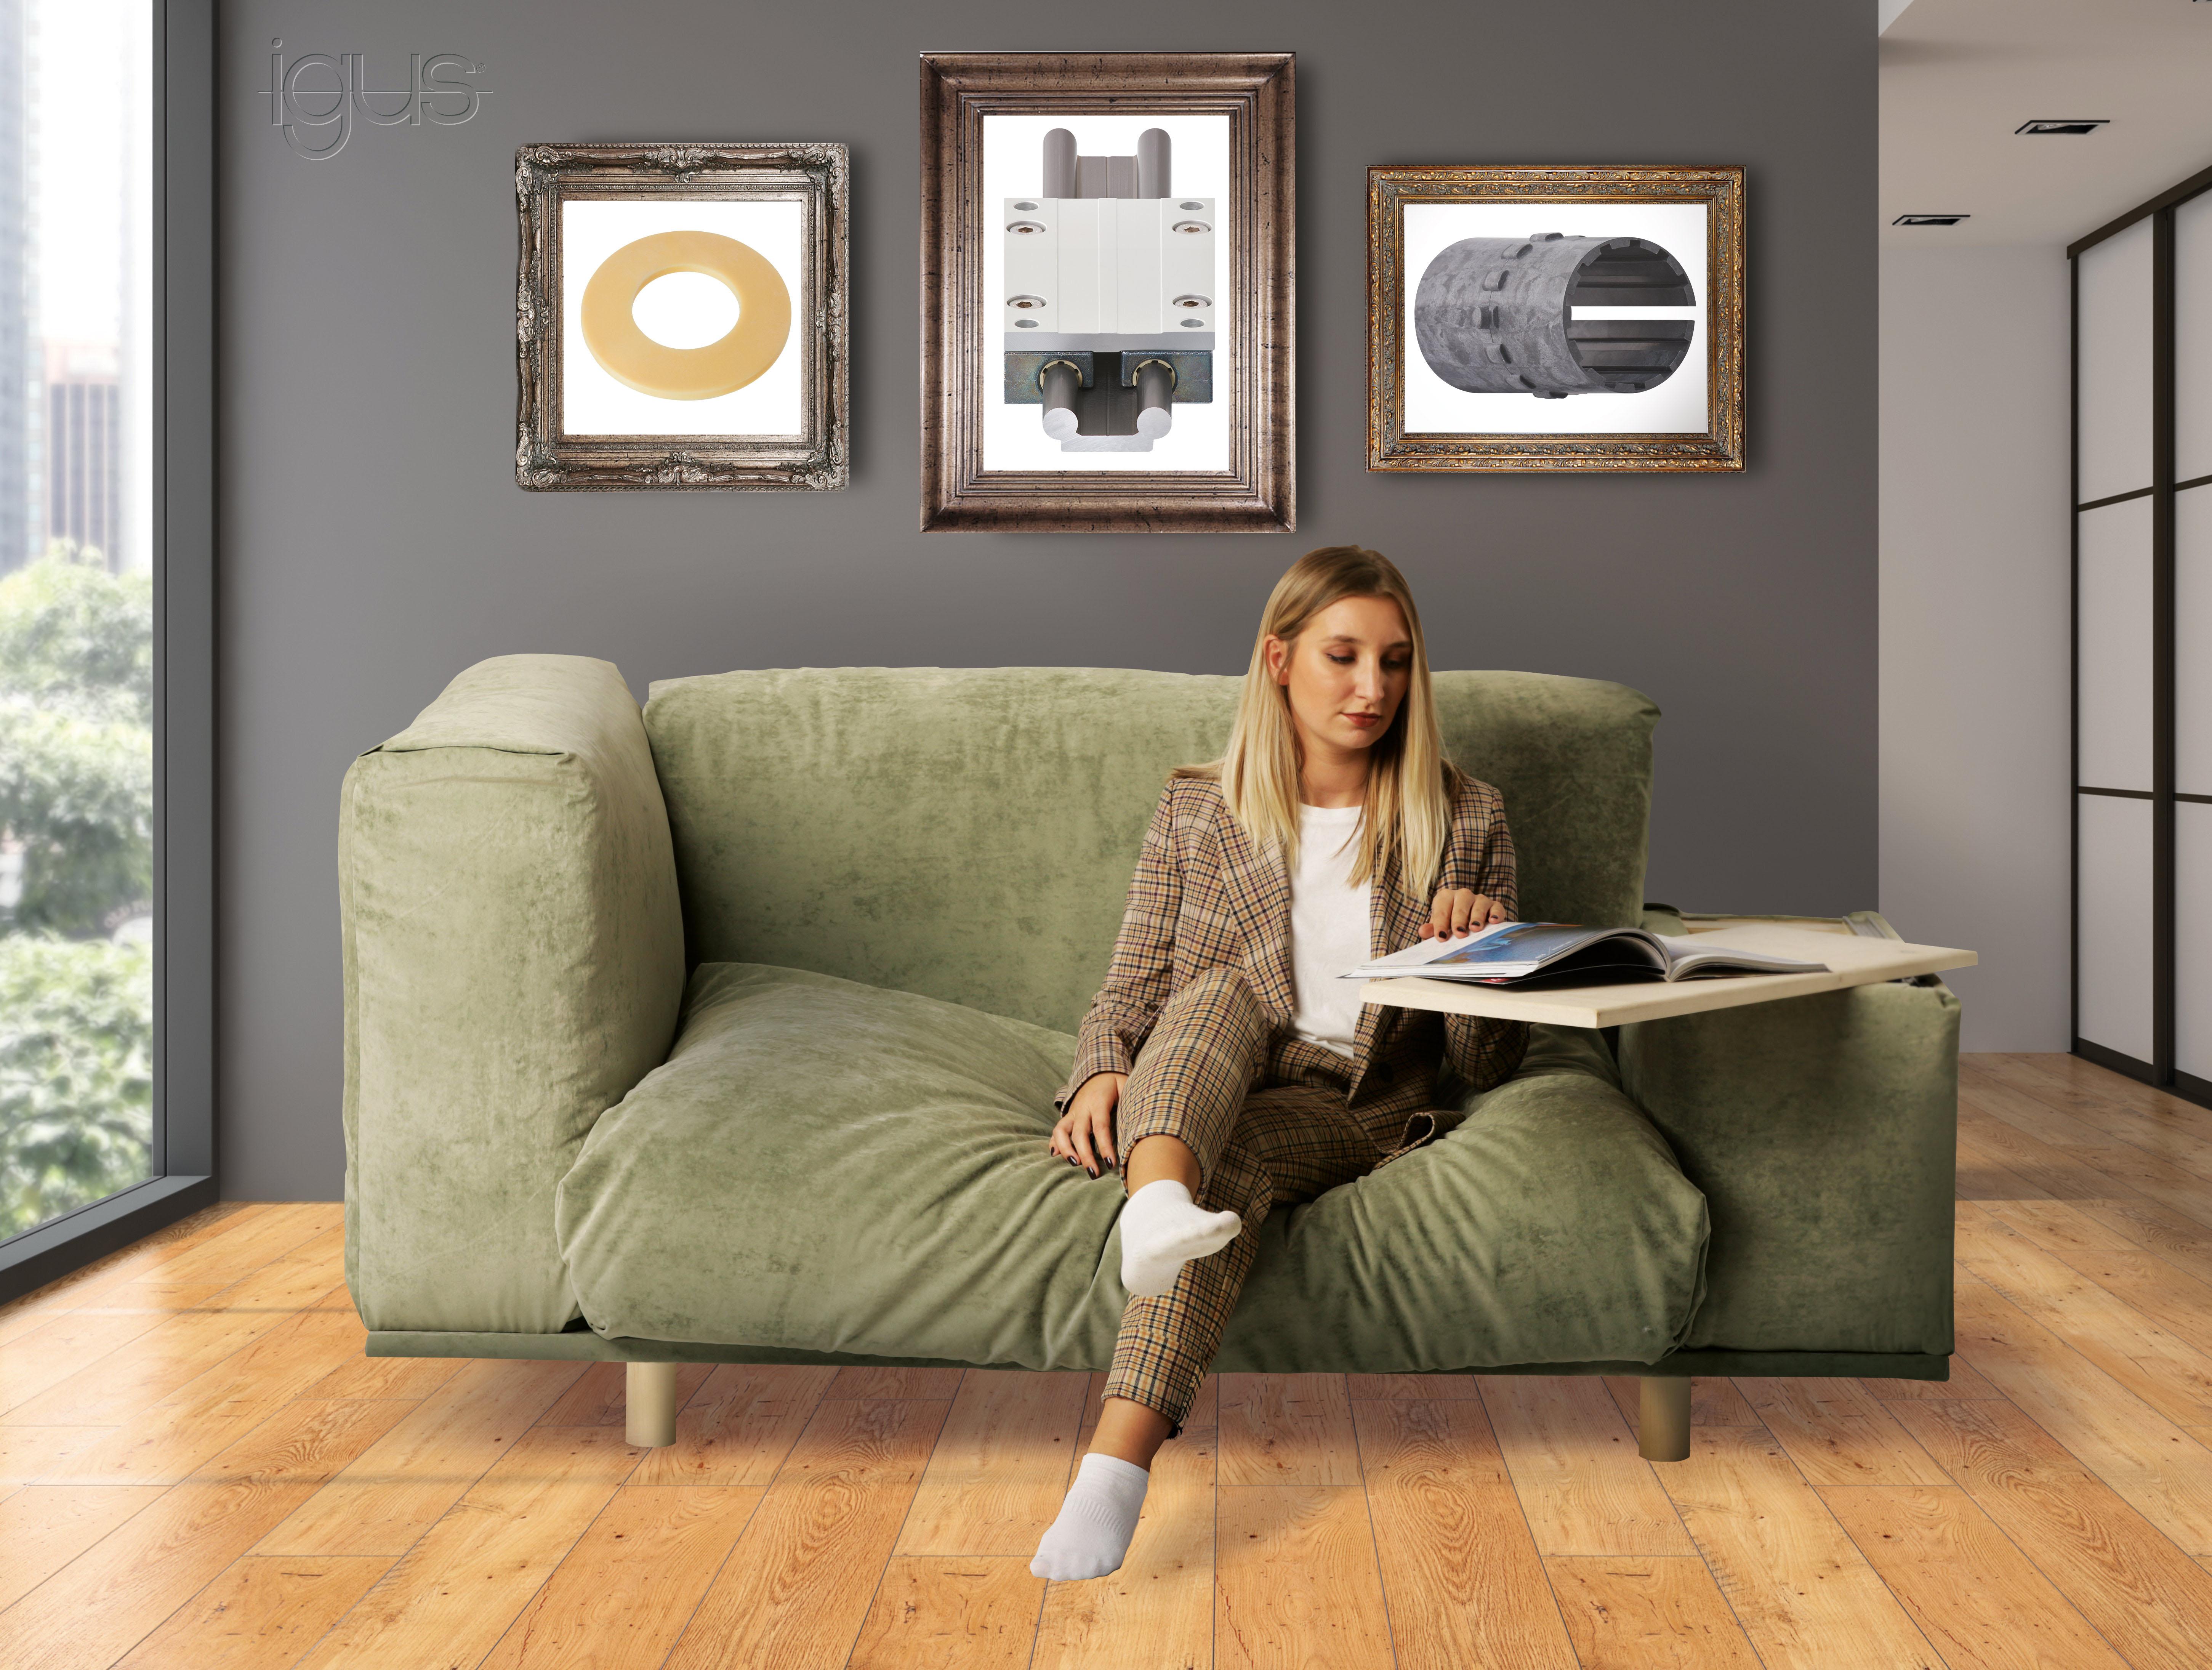 Der Sofa-Schreibtisch: Schmier- und wartungsfreie Tribo-Polymerlager für den Möbelhybrid